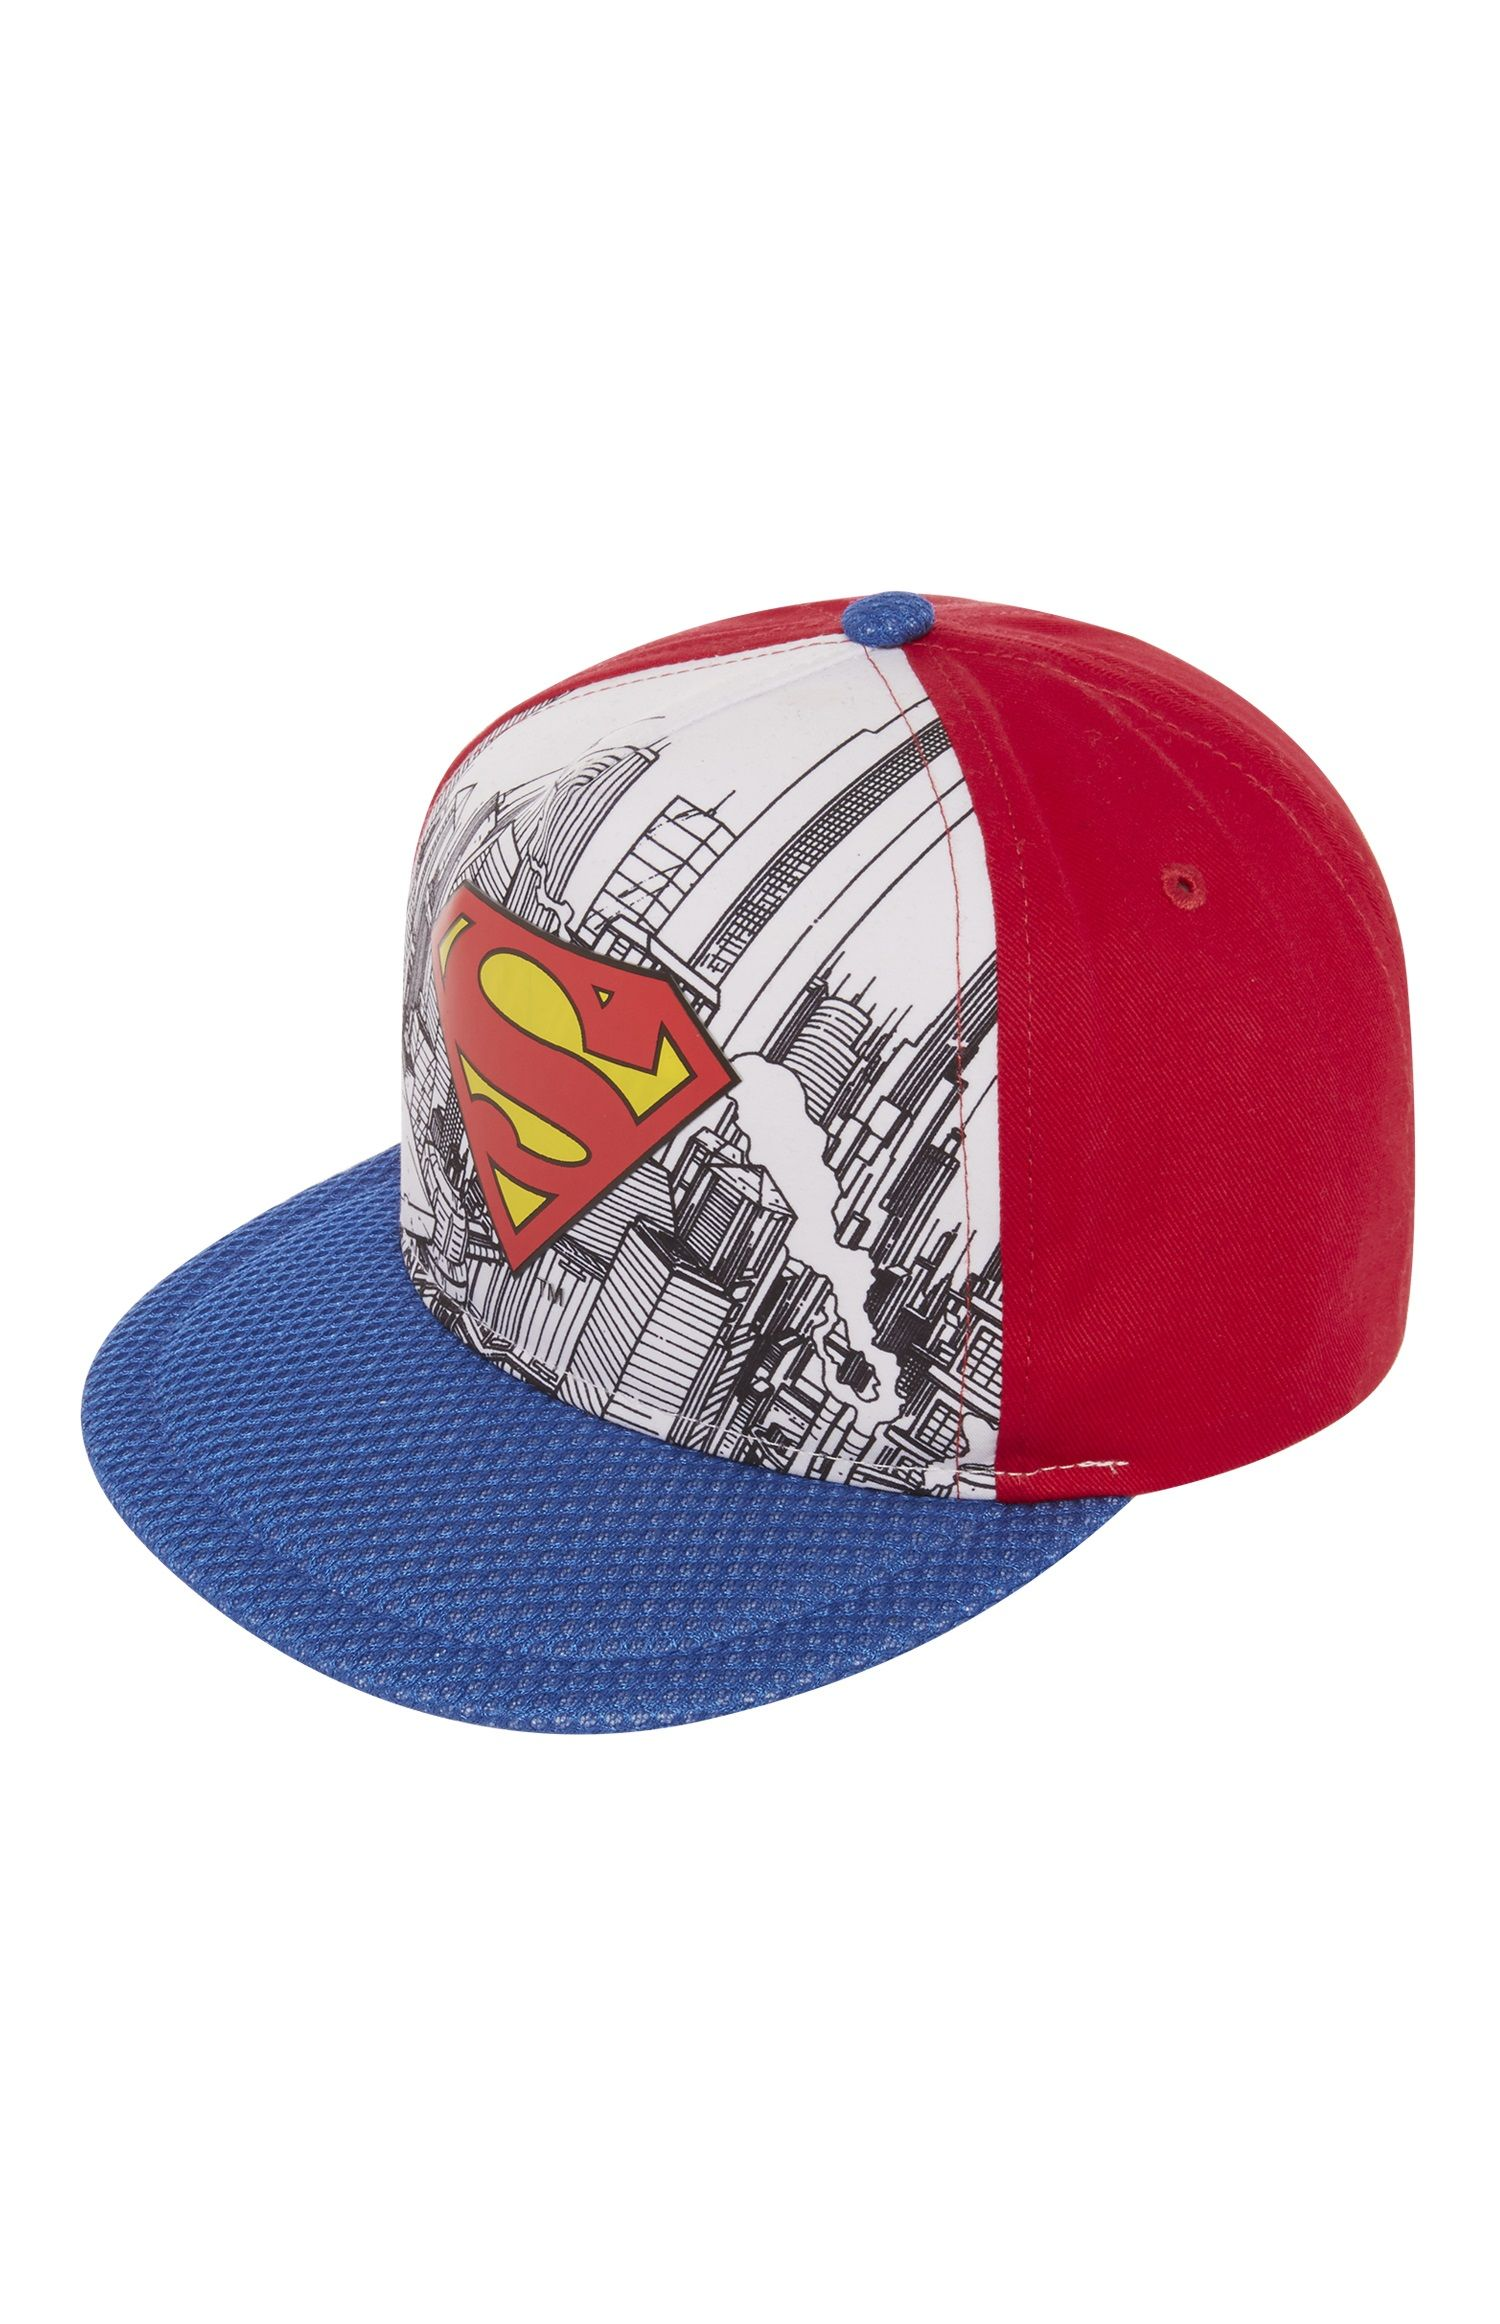 2b33adbb5 Primark - Superman Trucker Hat | Primark Products